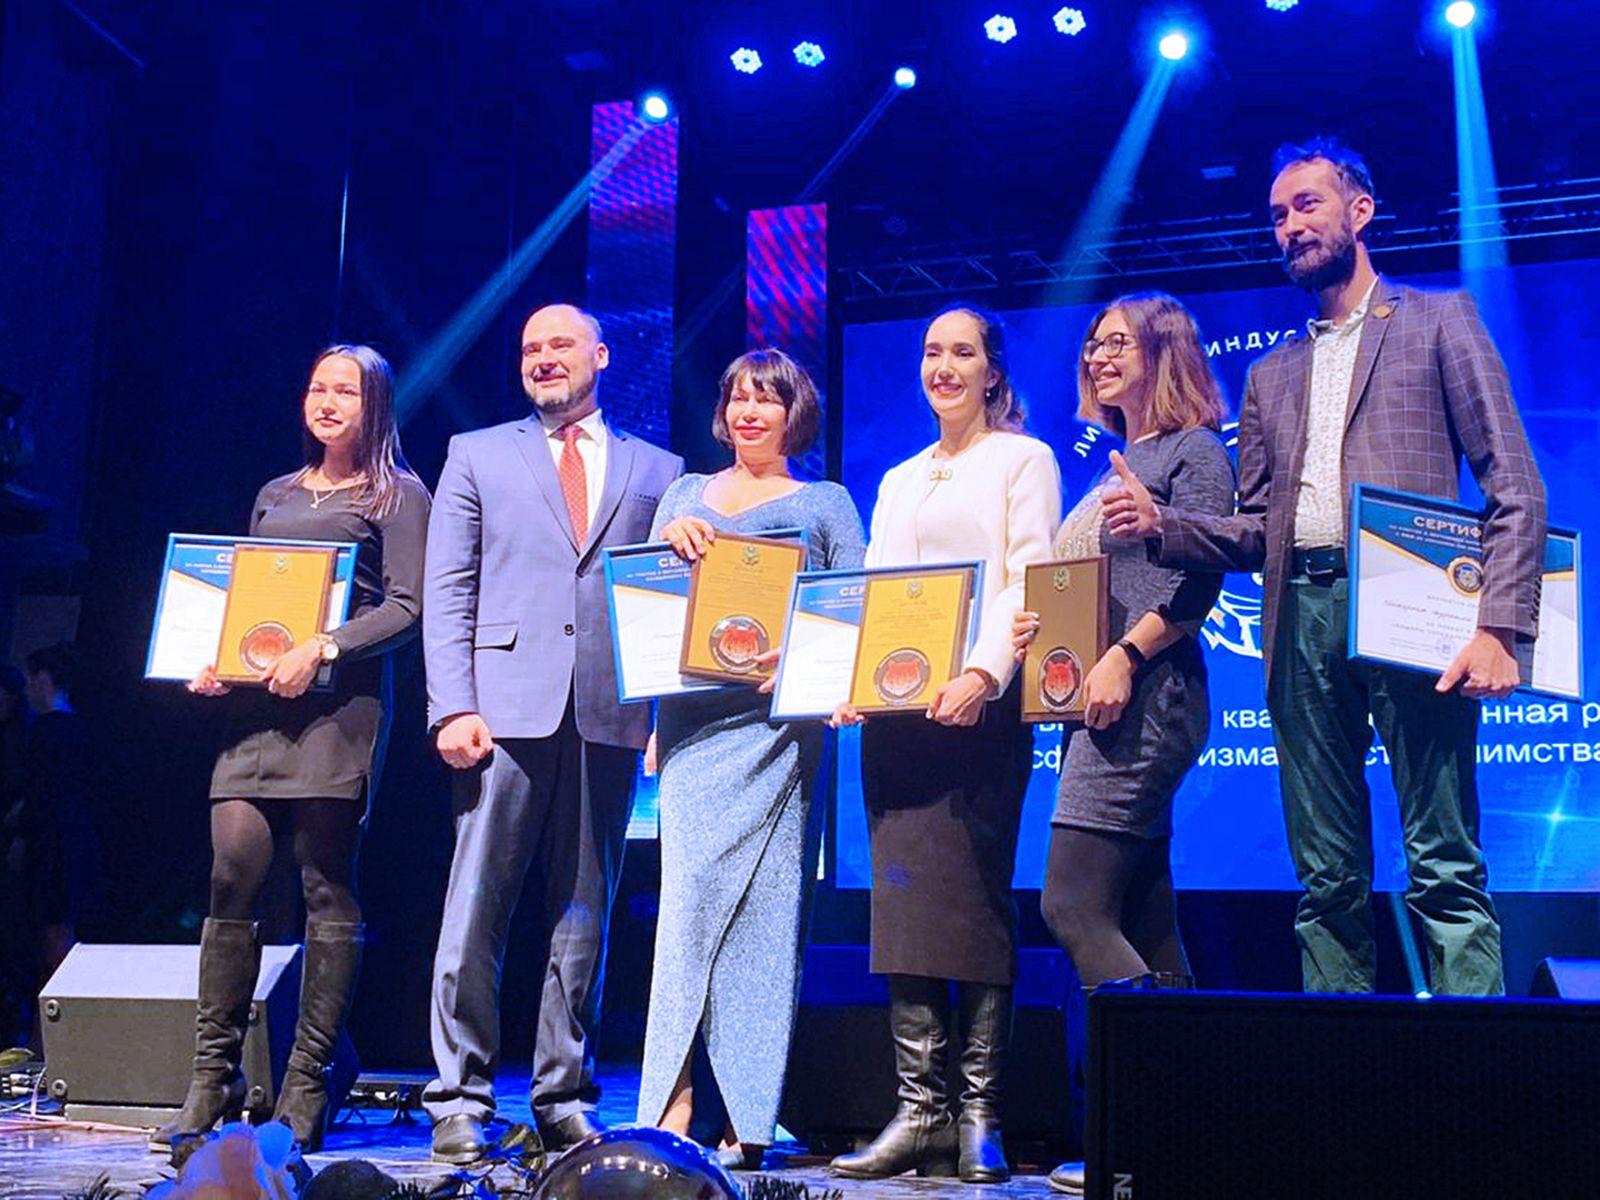 ВГУЭС – лидер туриндустрии Приморья. Два проекта – среди победителей краевого конкурса